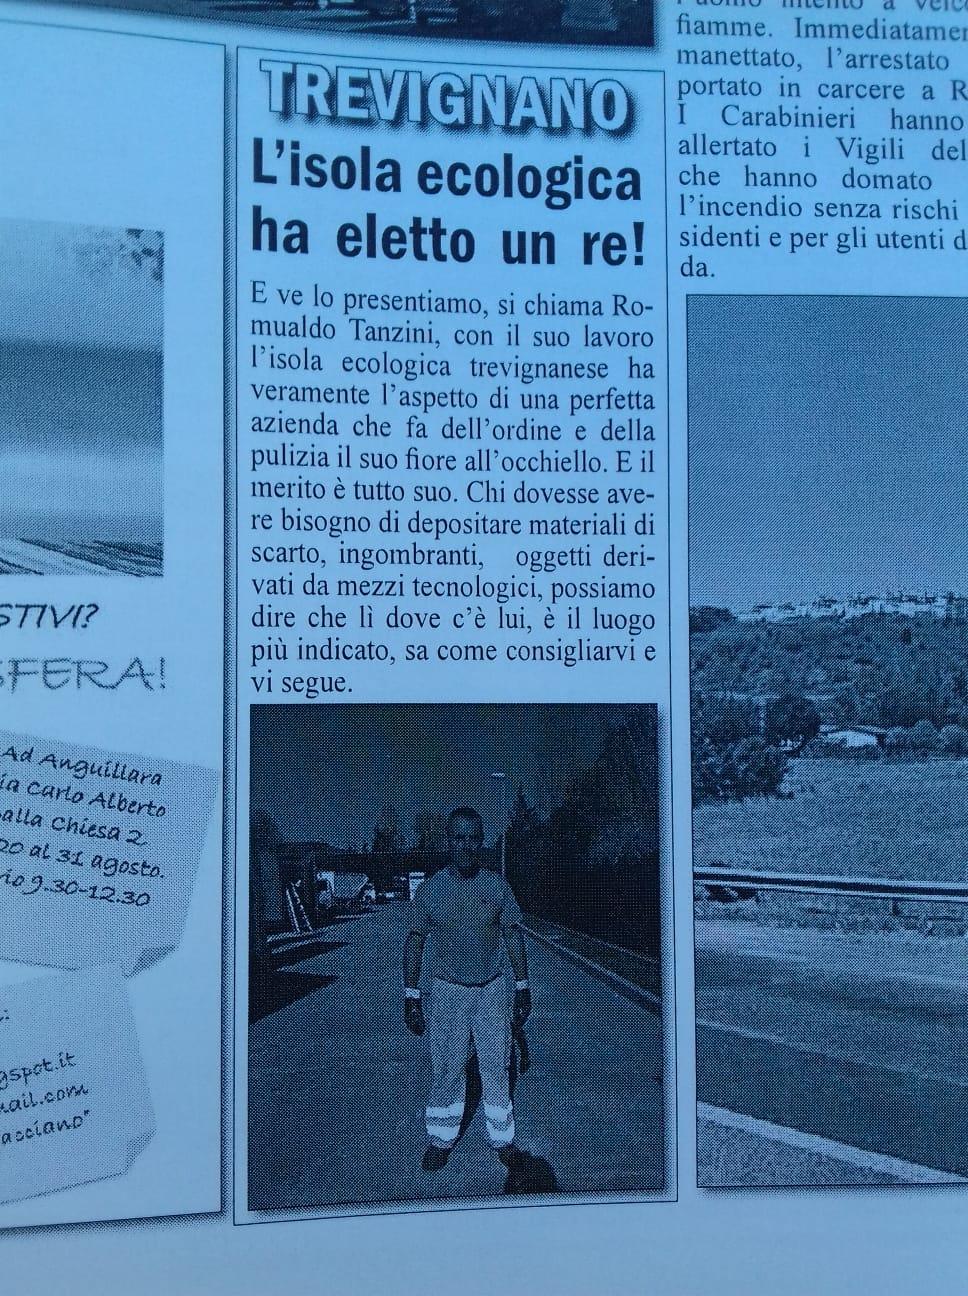 Trevignano Romano: l'isola ecologica ha il suo RE!!!